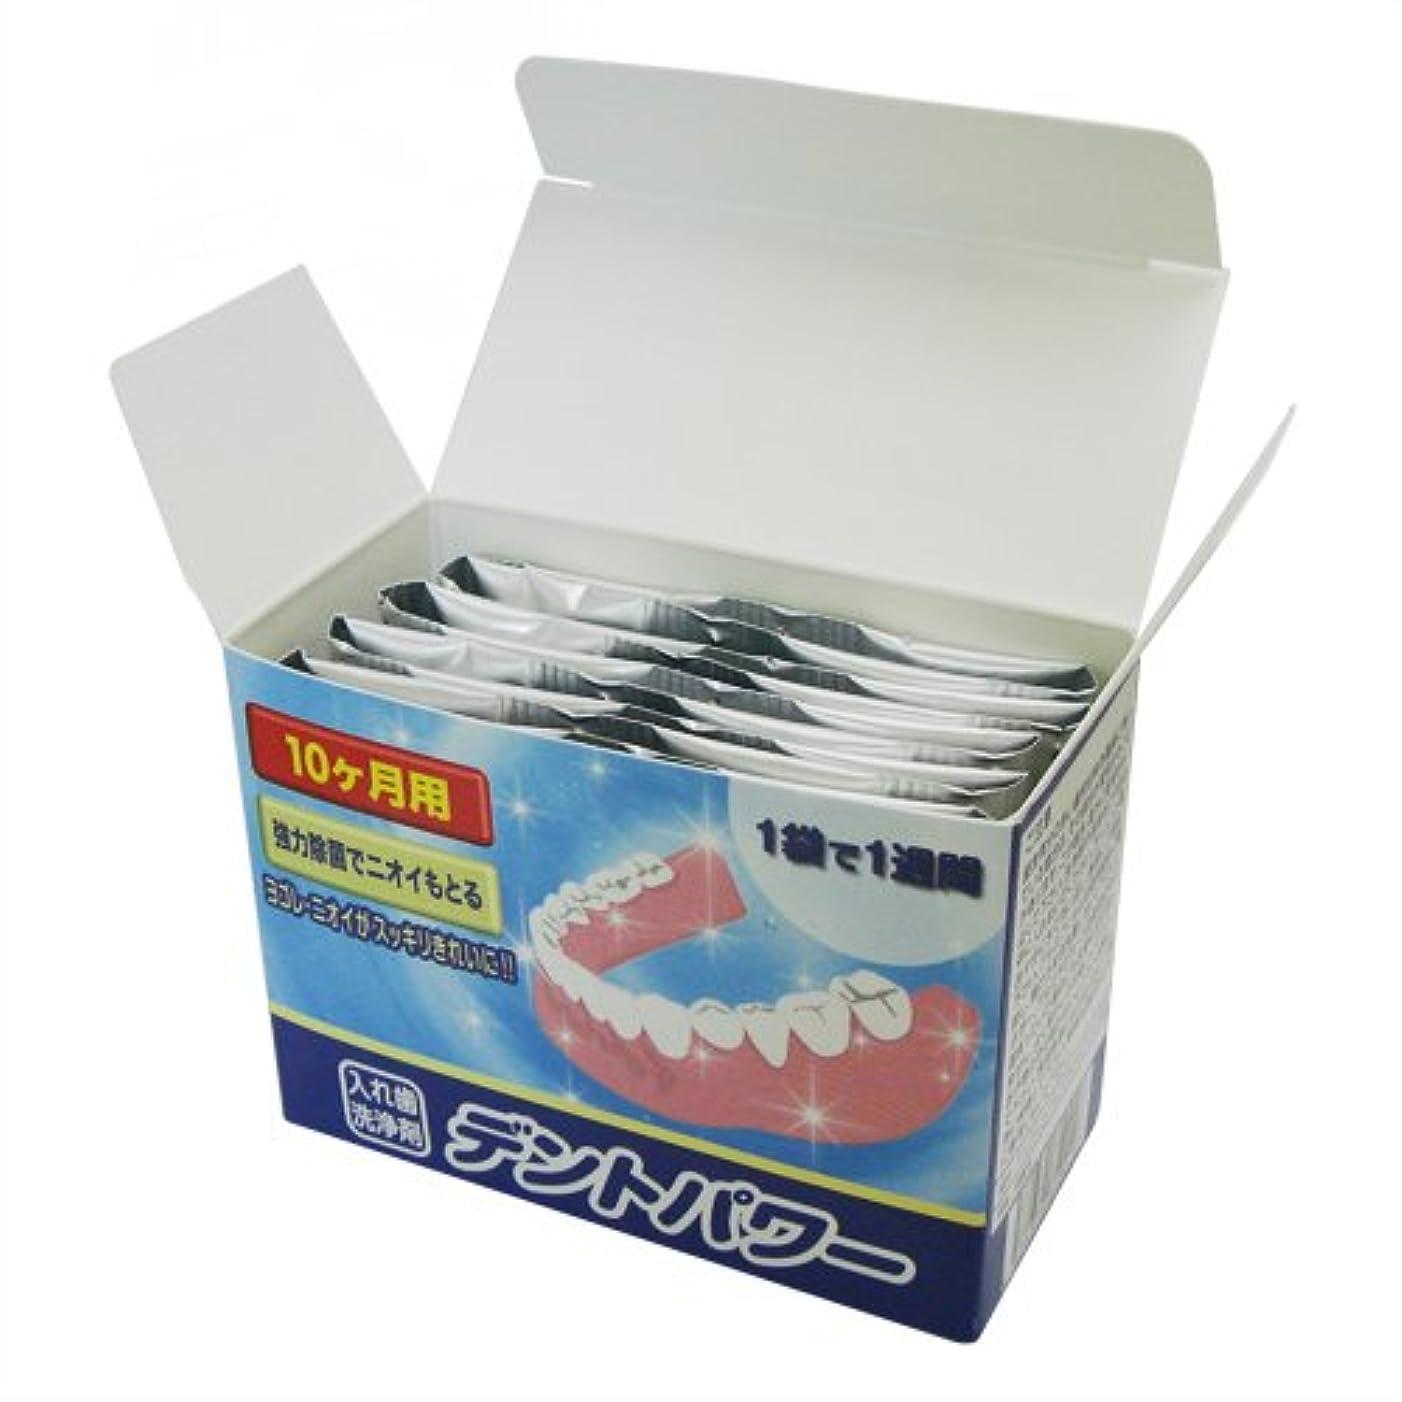 マークされたどんなときも打たれたトラックデントパワー 入れ歯洗浄剤 10ヵ月用(専用ケース無し)